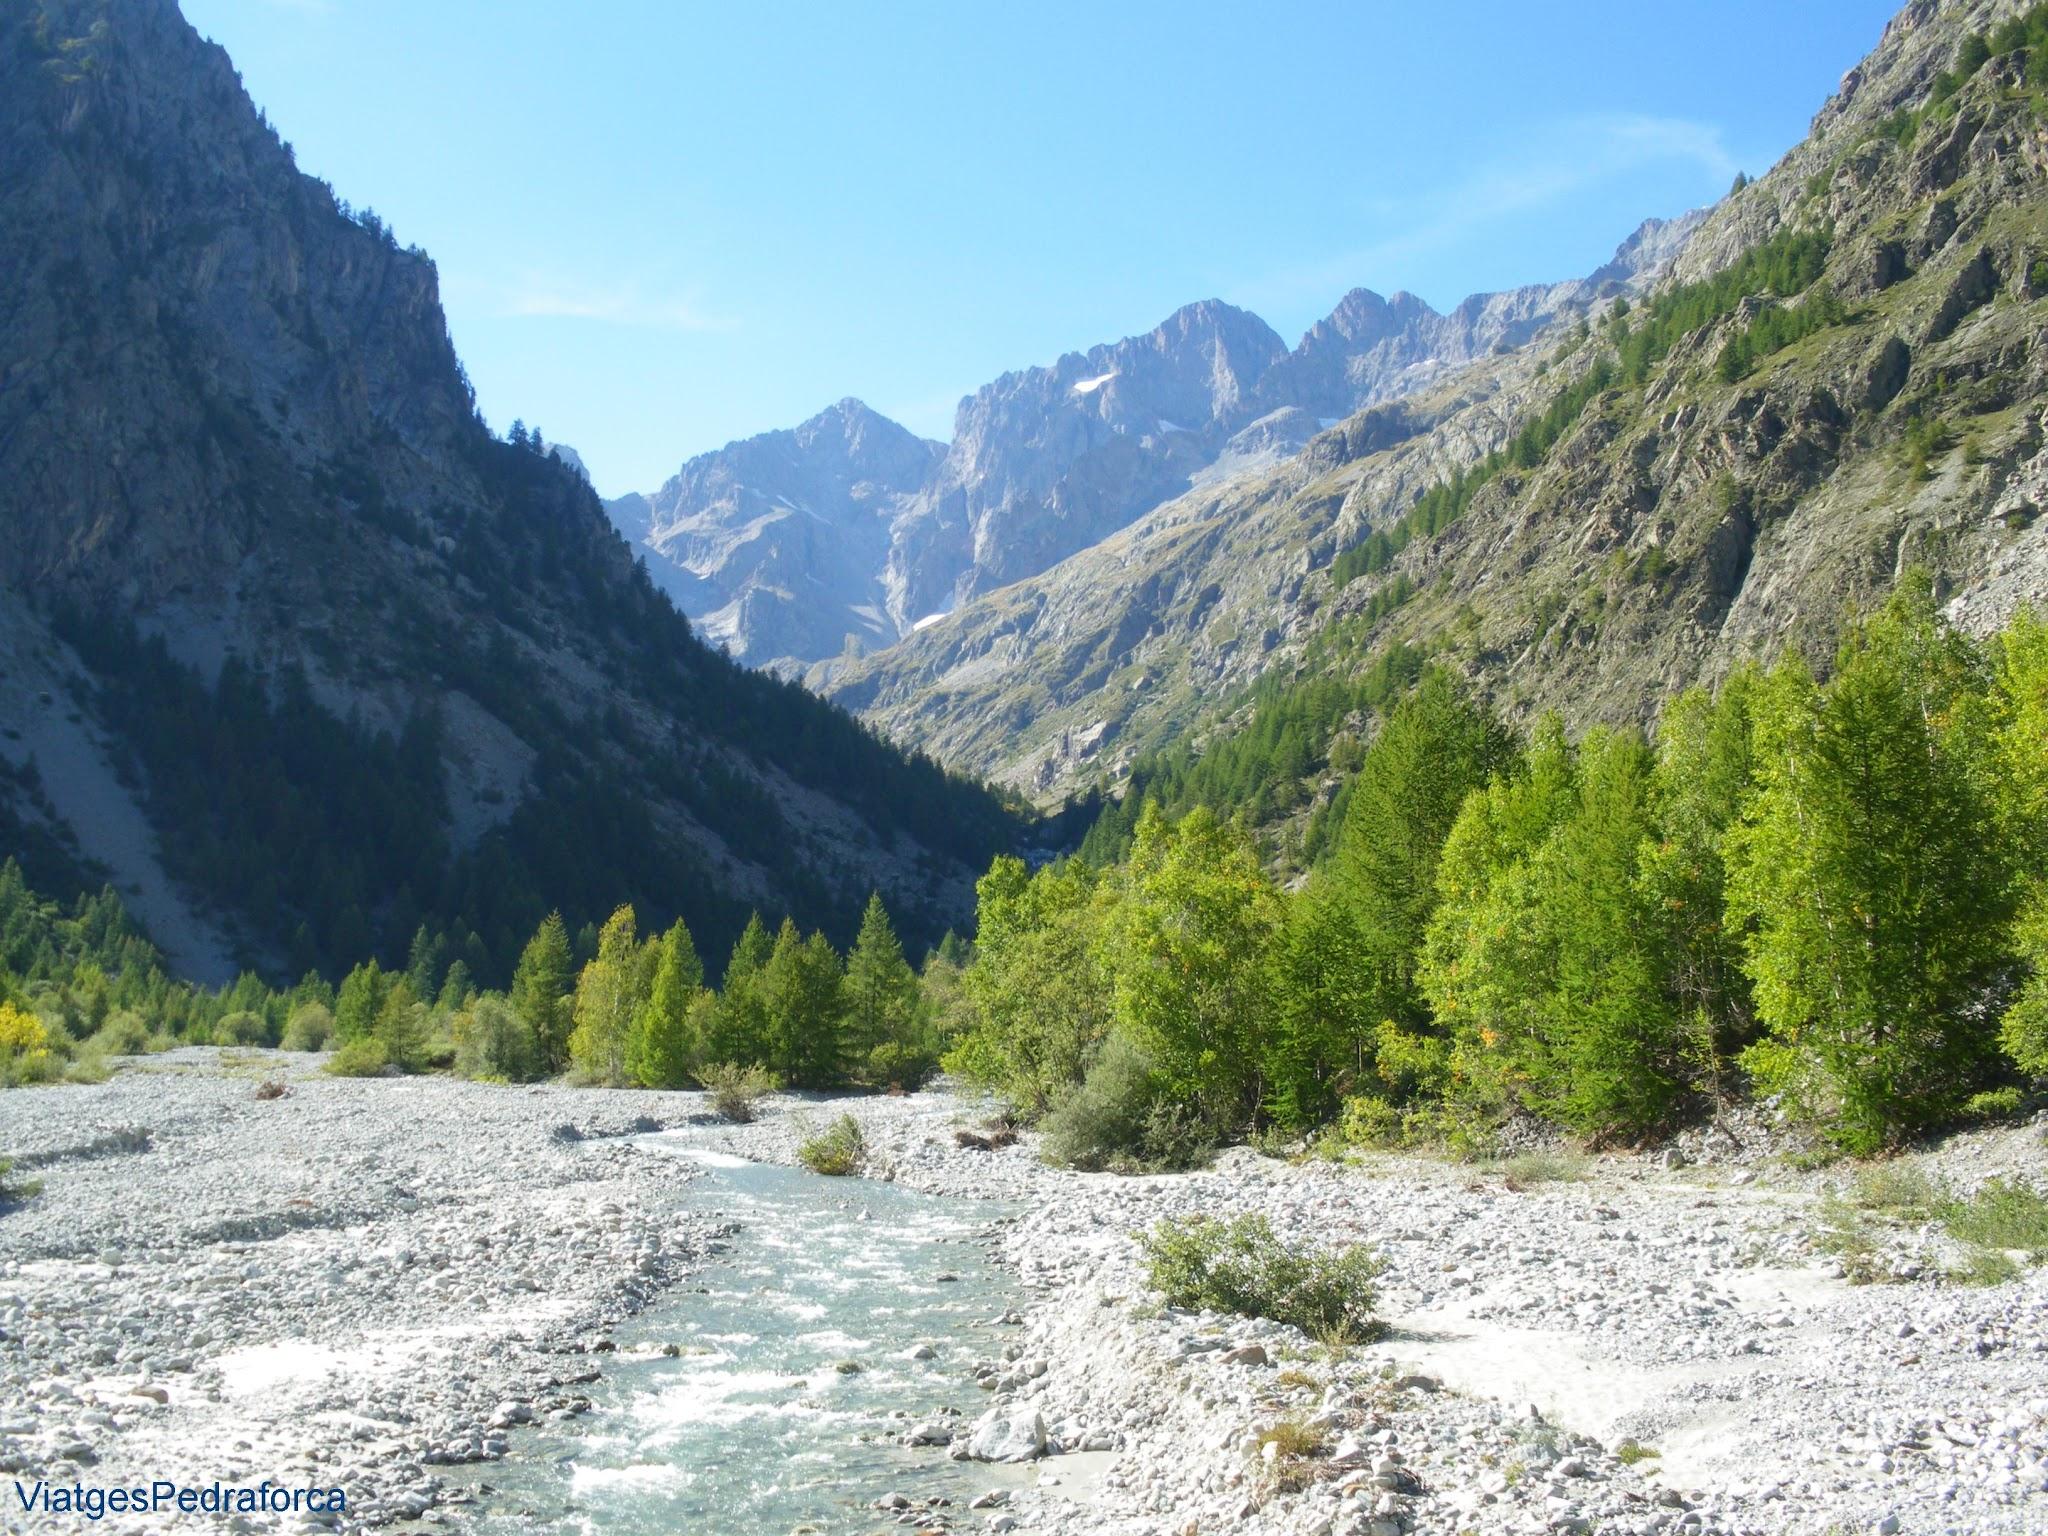 Vallée de l'Onde, Parc National des Ecrins, Hautes Alpes, Alps, França, France